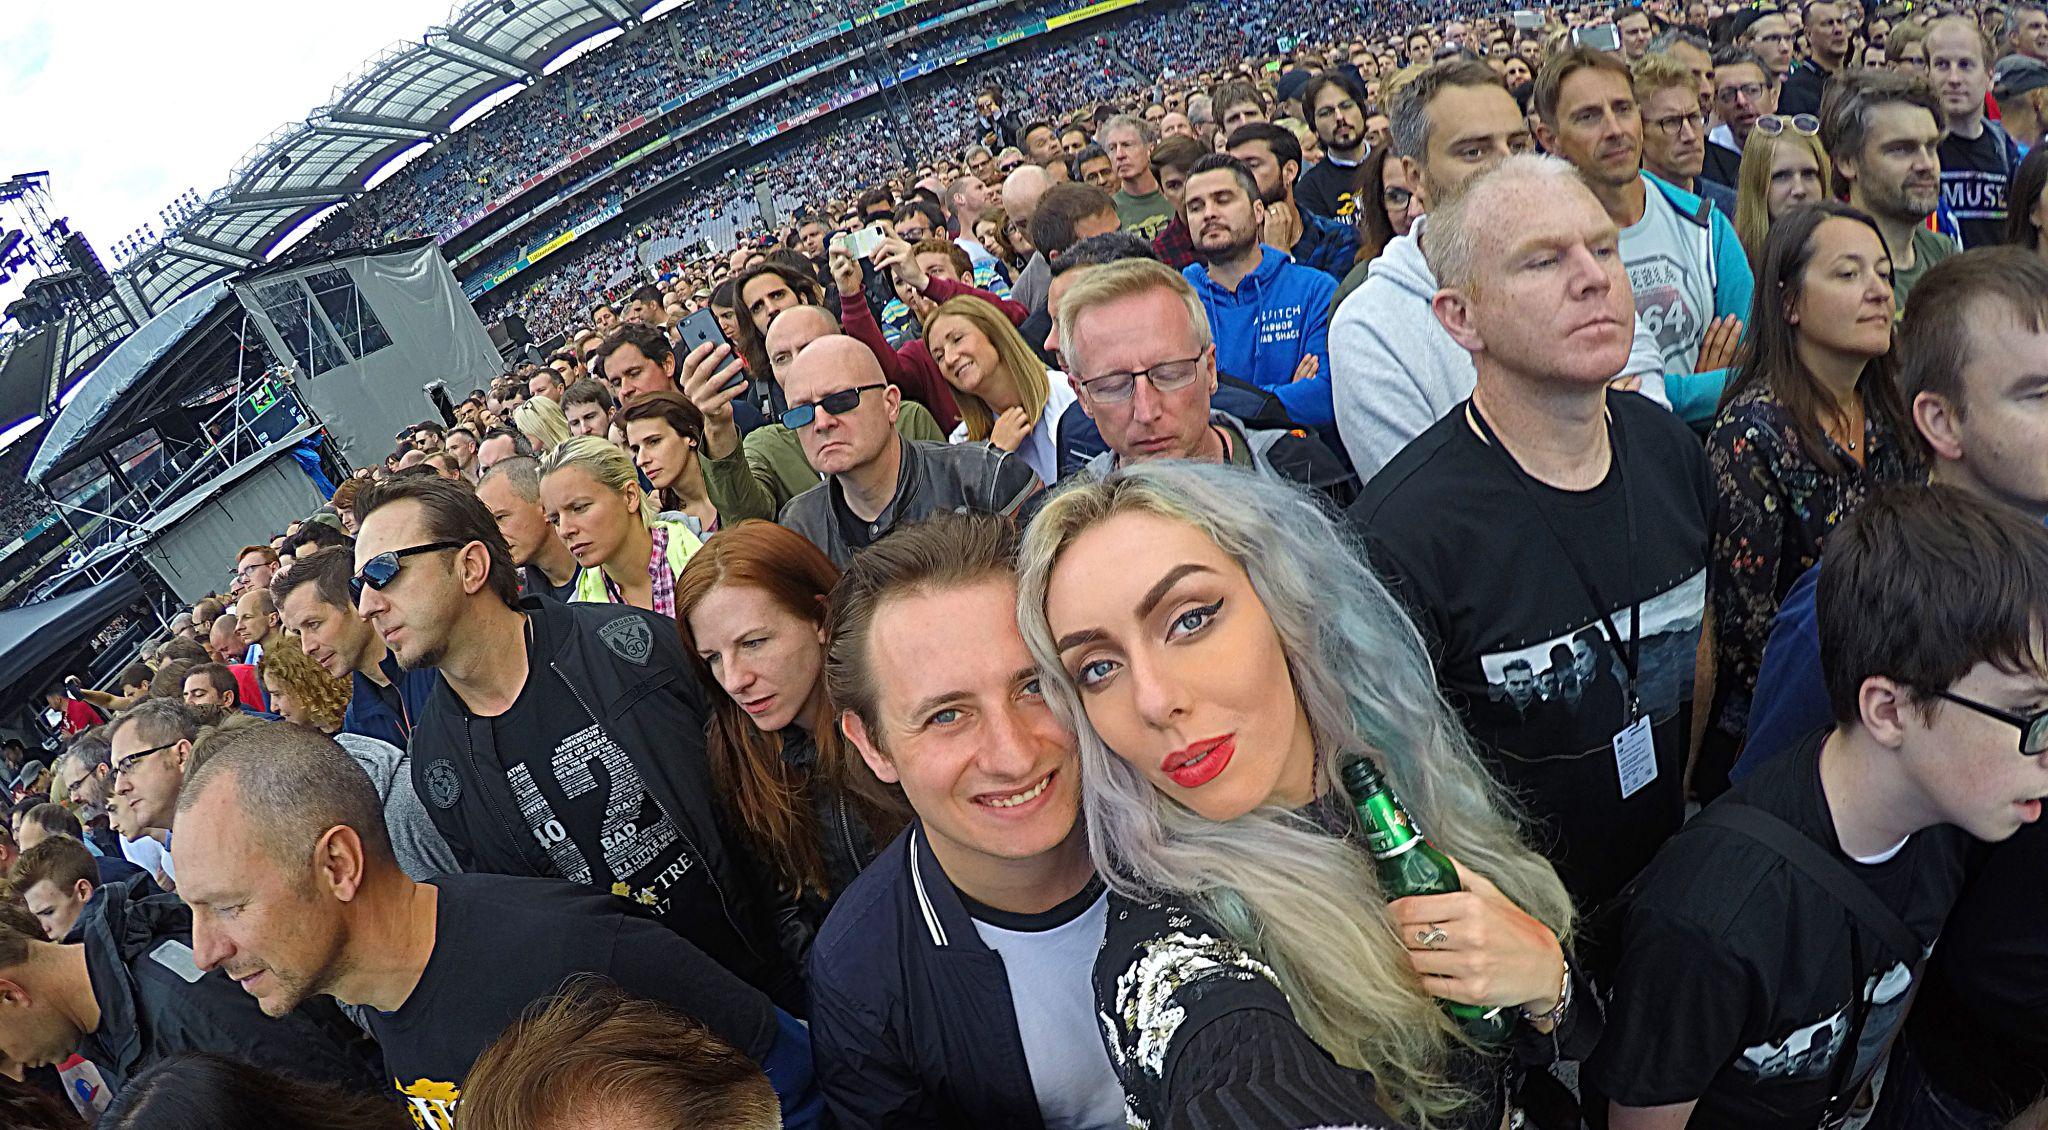 U2 Croke Park 2017 Dublin Ireland